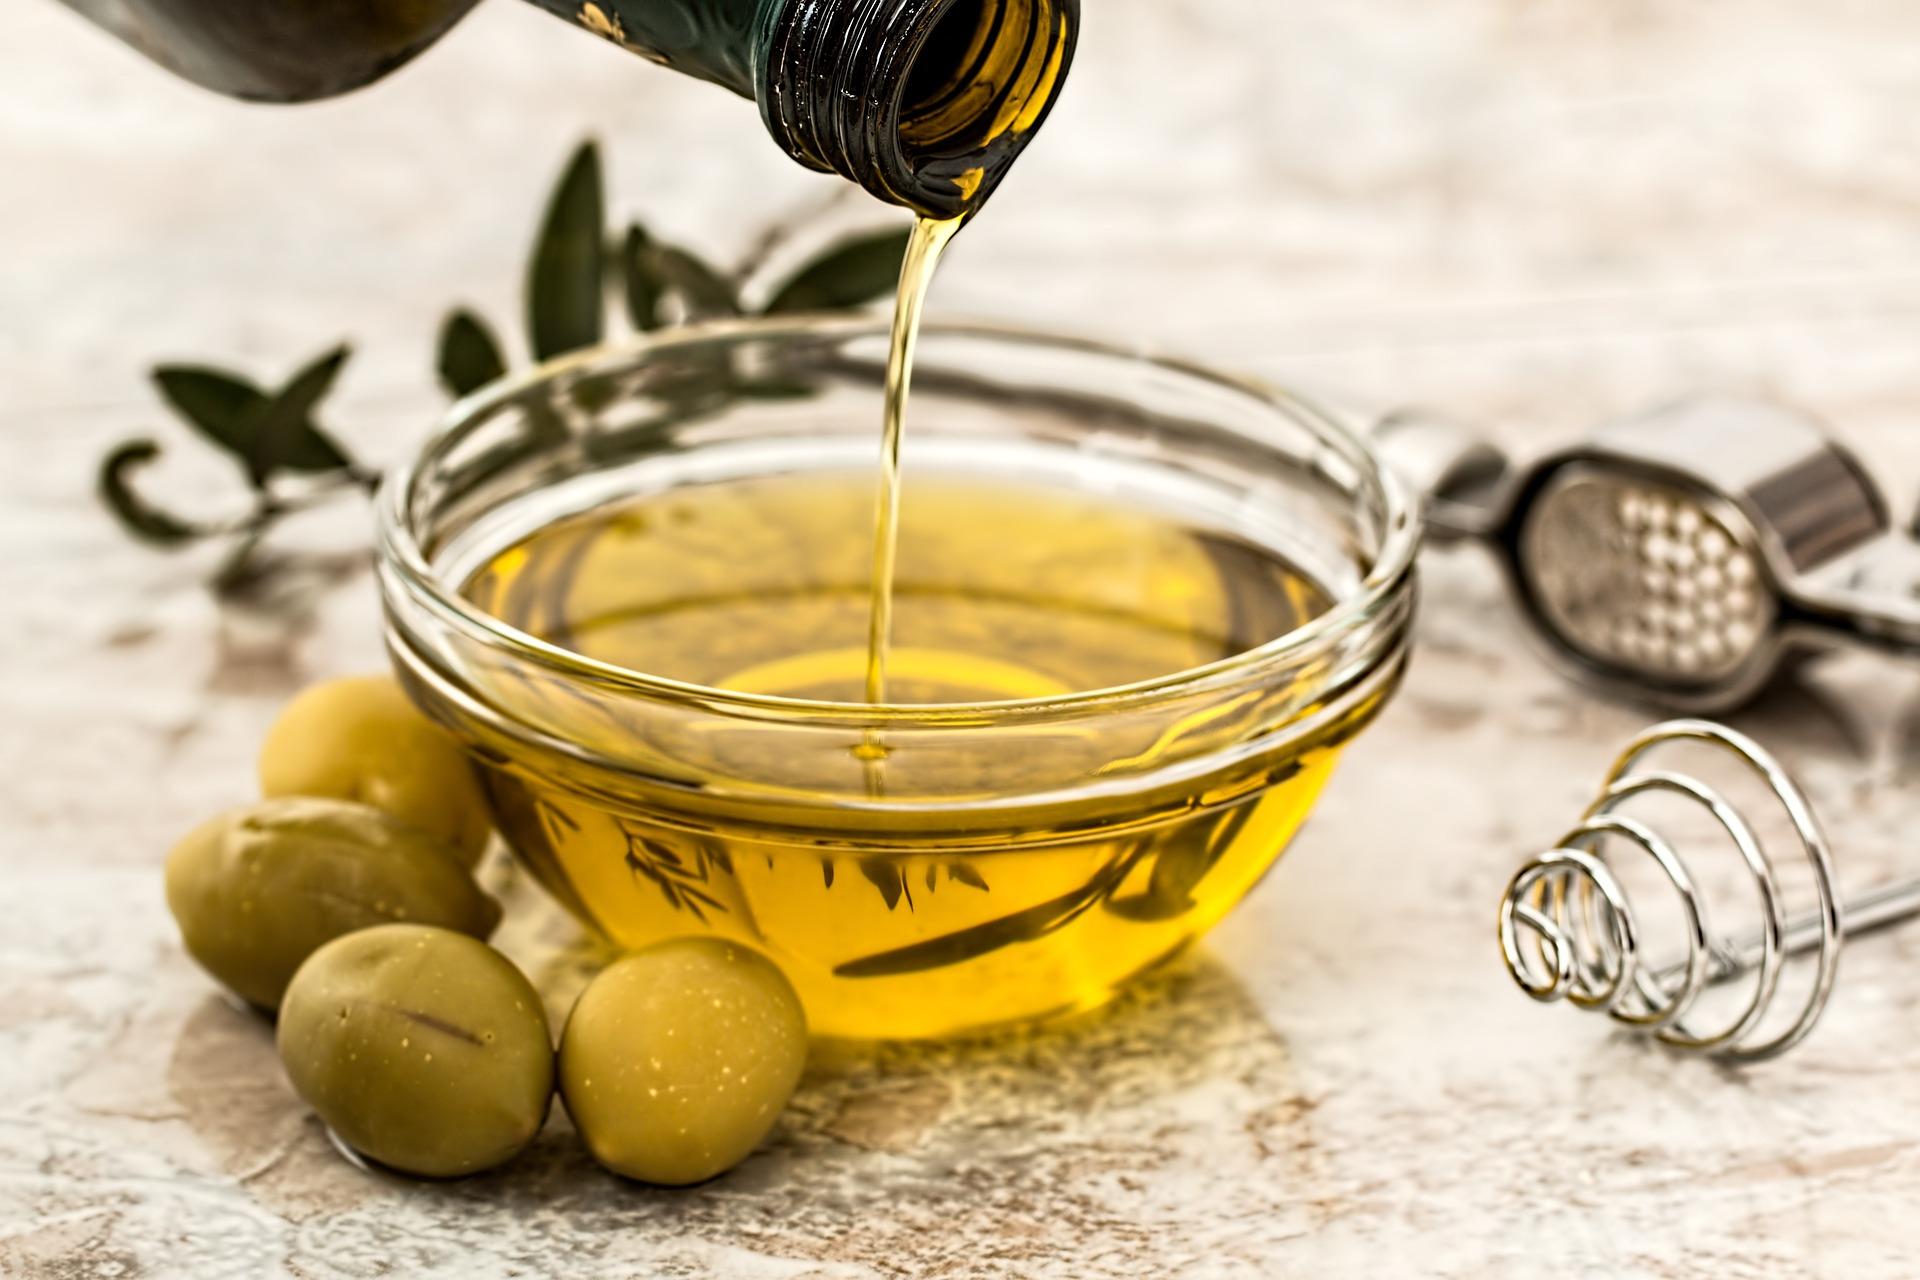 Oil vinegar zero waste salad dressing